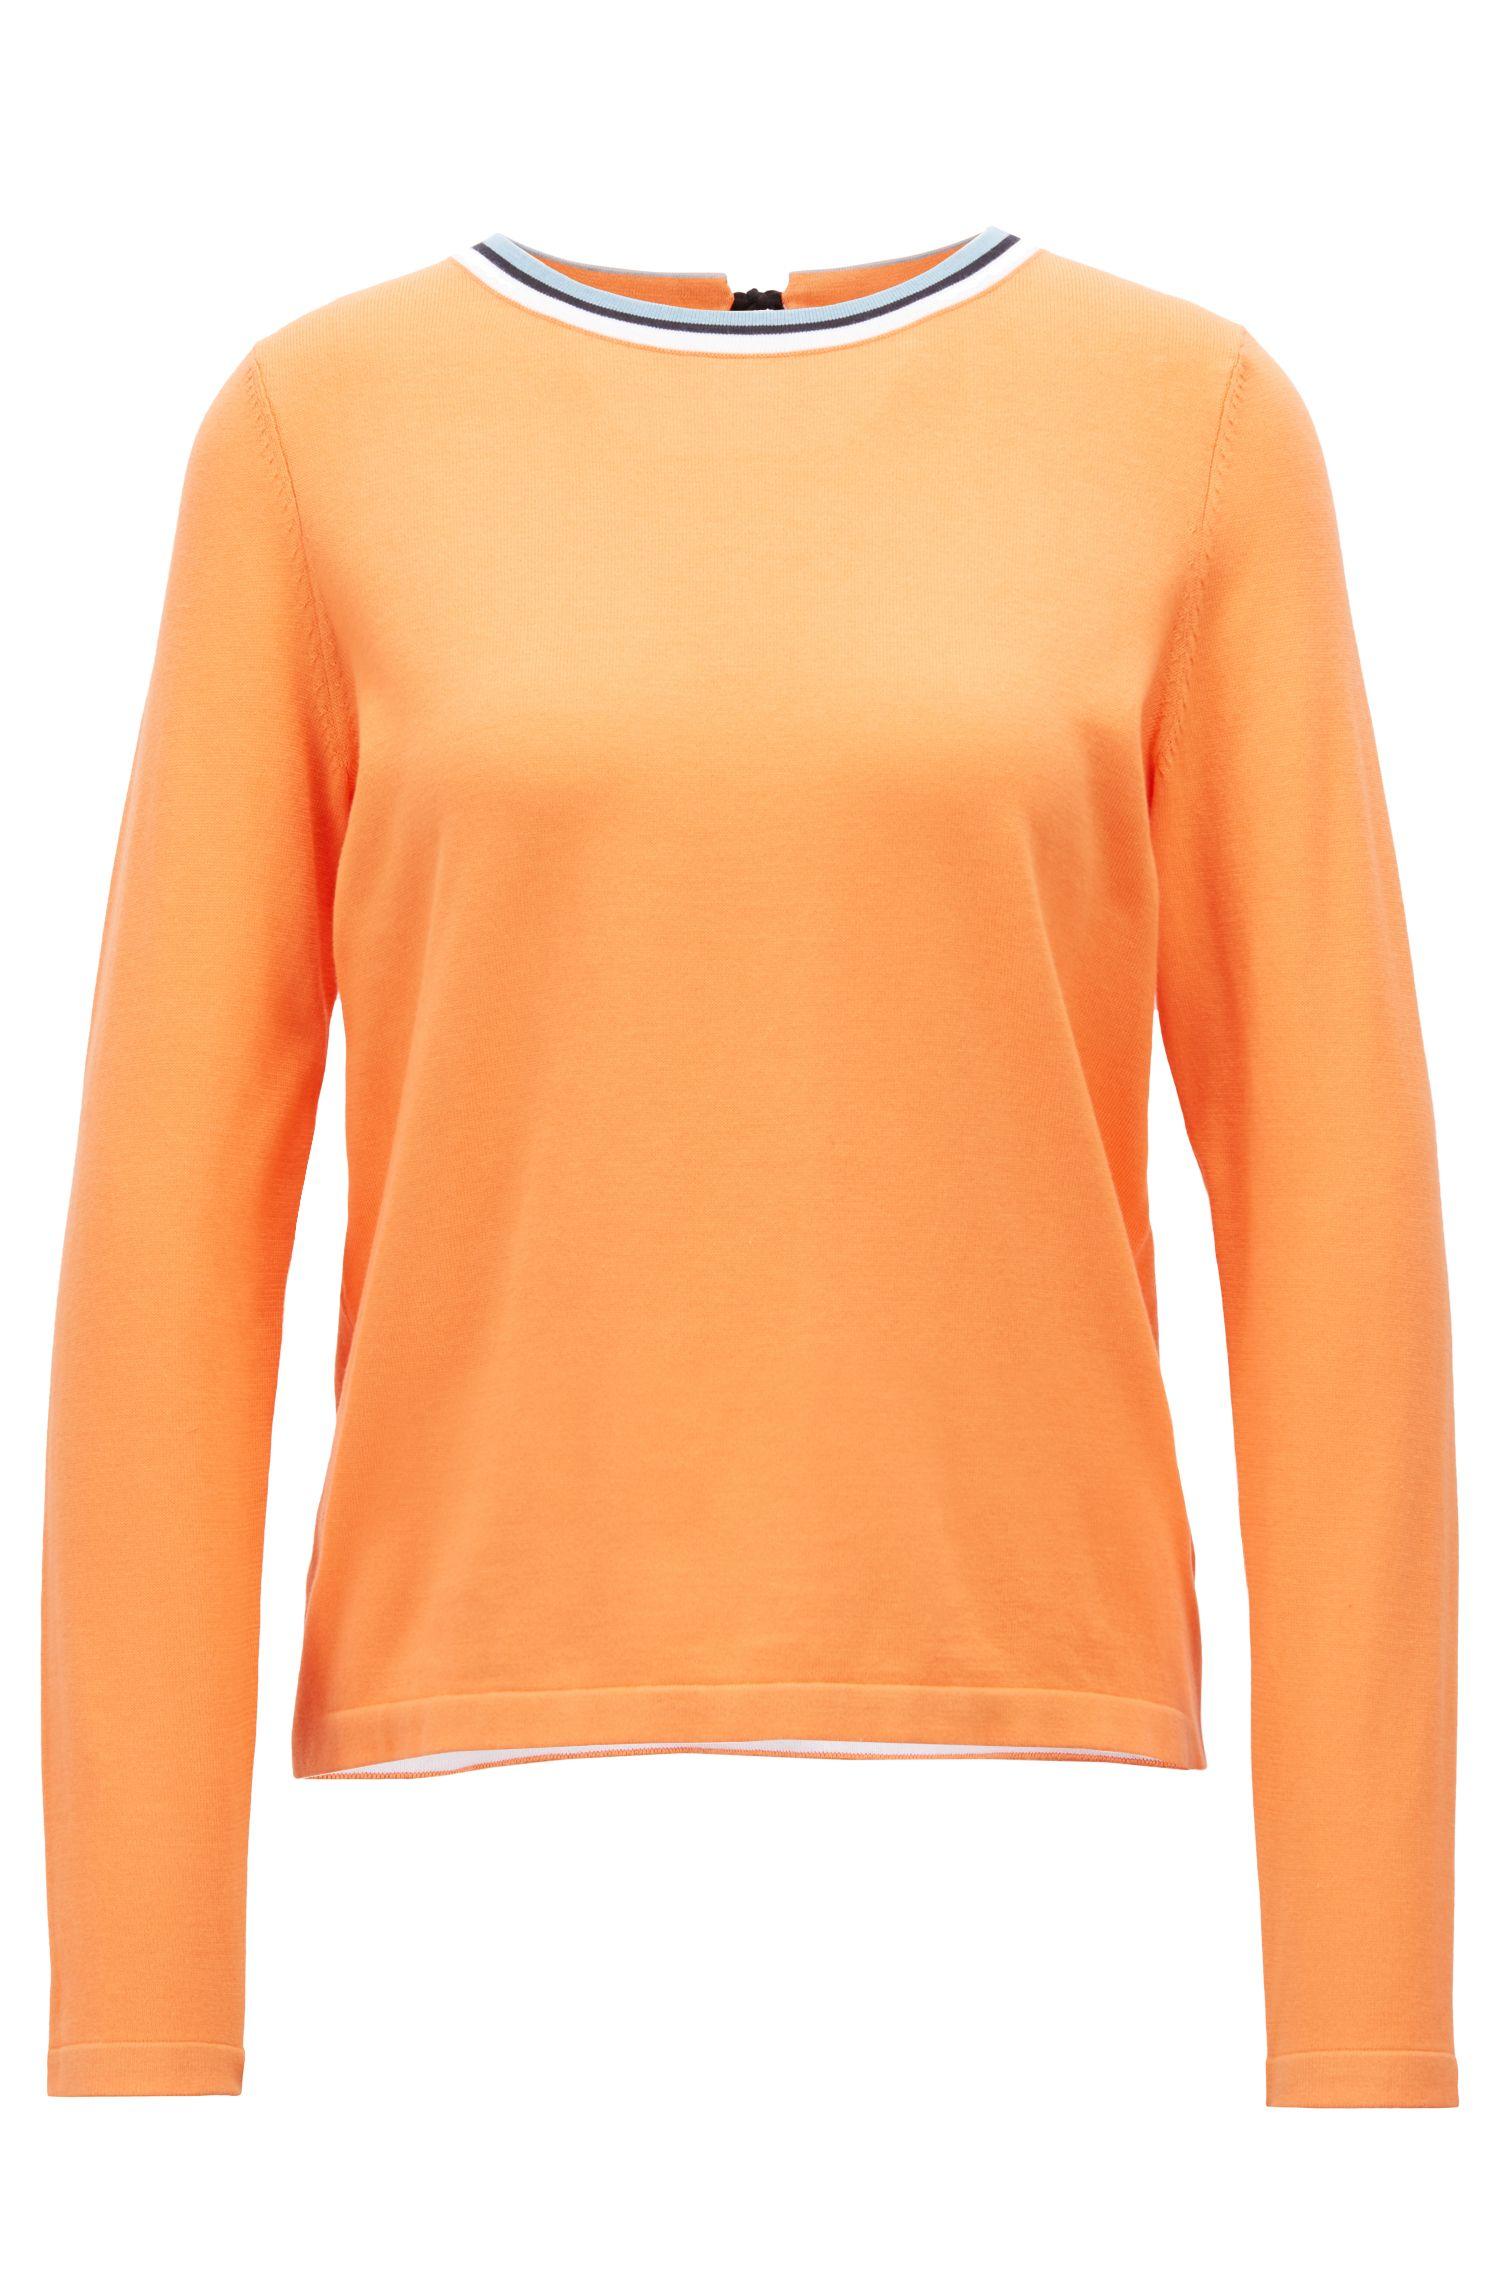 Maglione in misto cotone con scollatura a girocollo a righe, Arancione